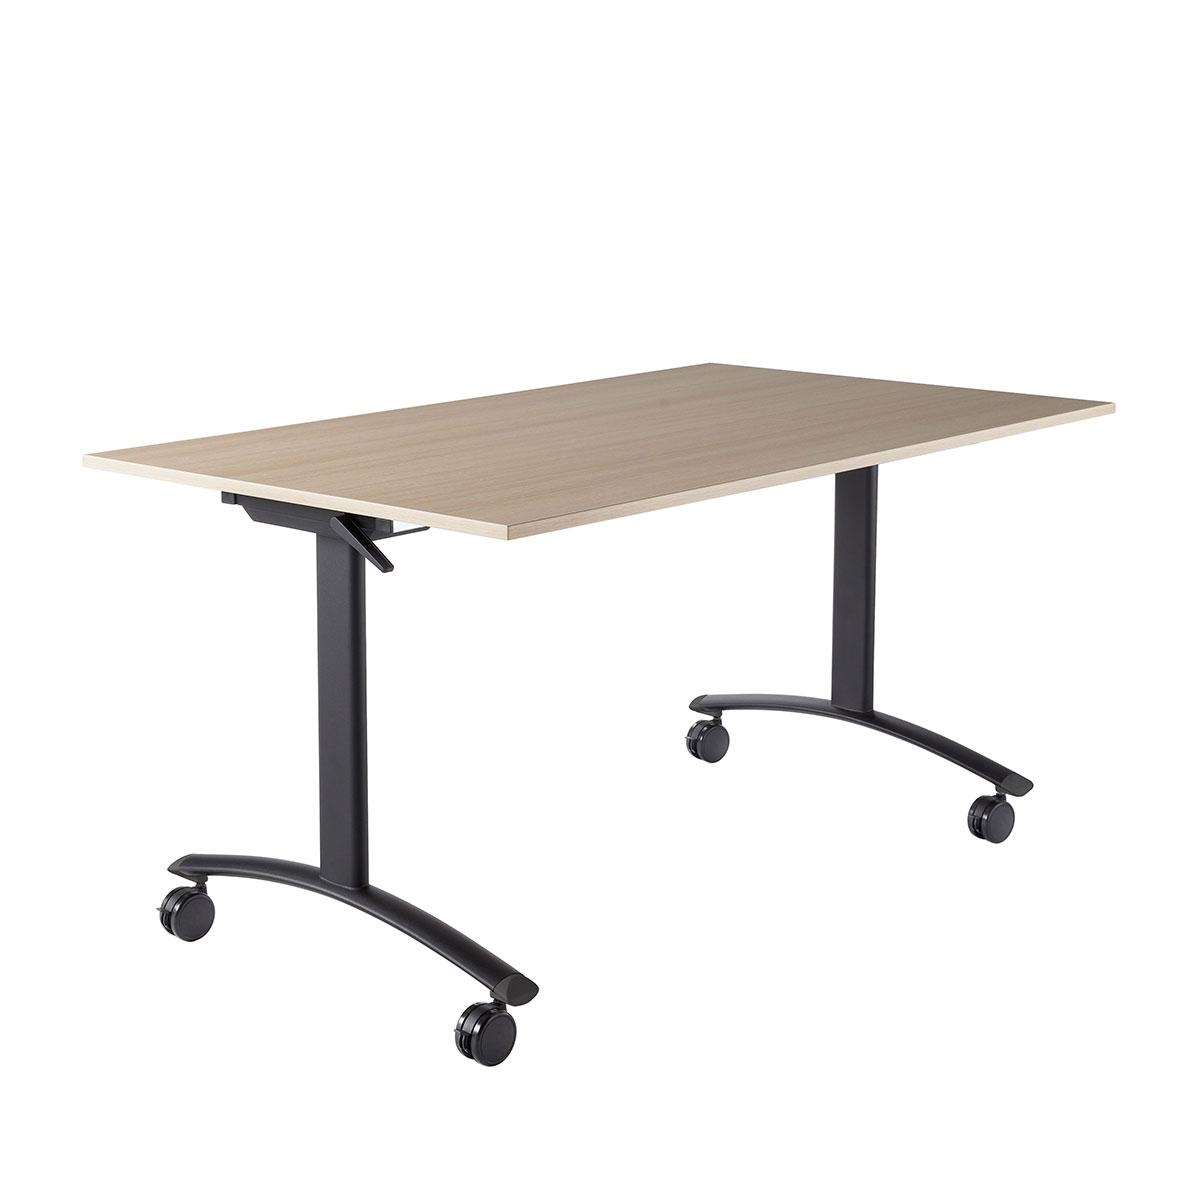 Bravo la table pliante à tout faire by Simmis